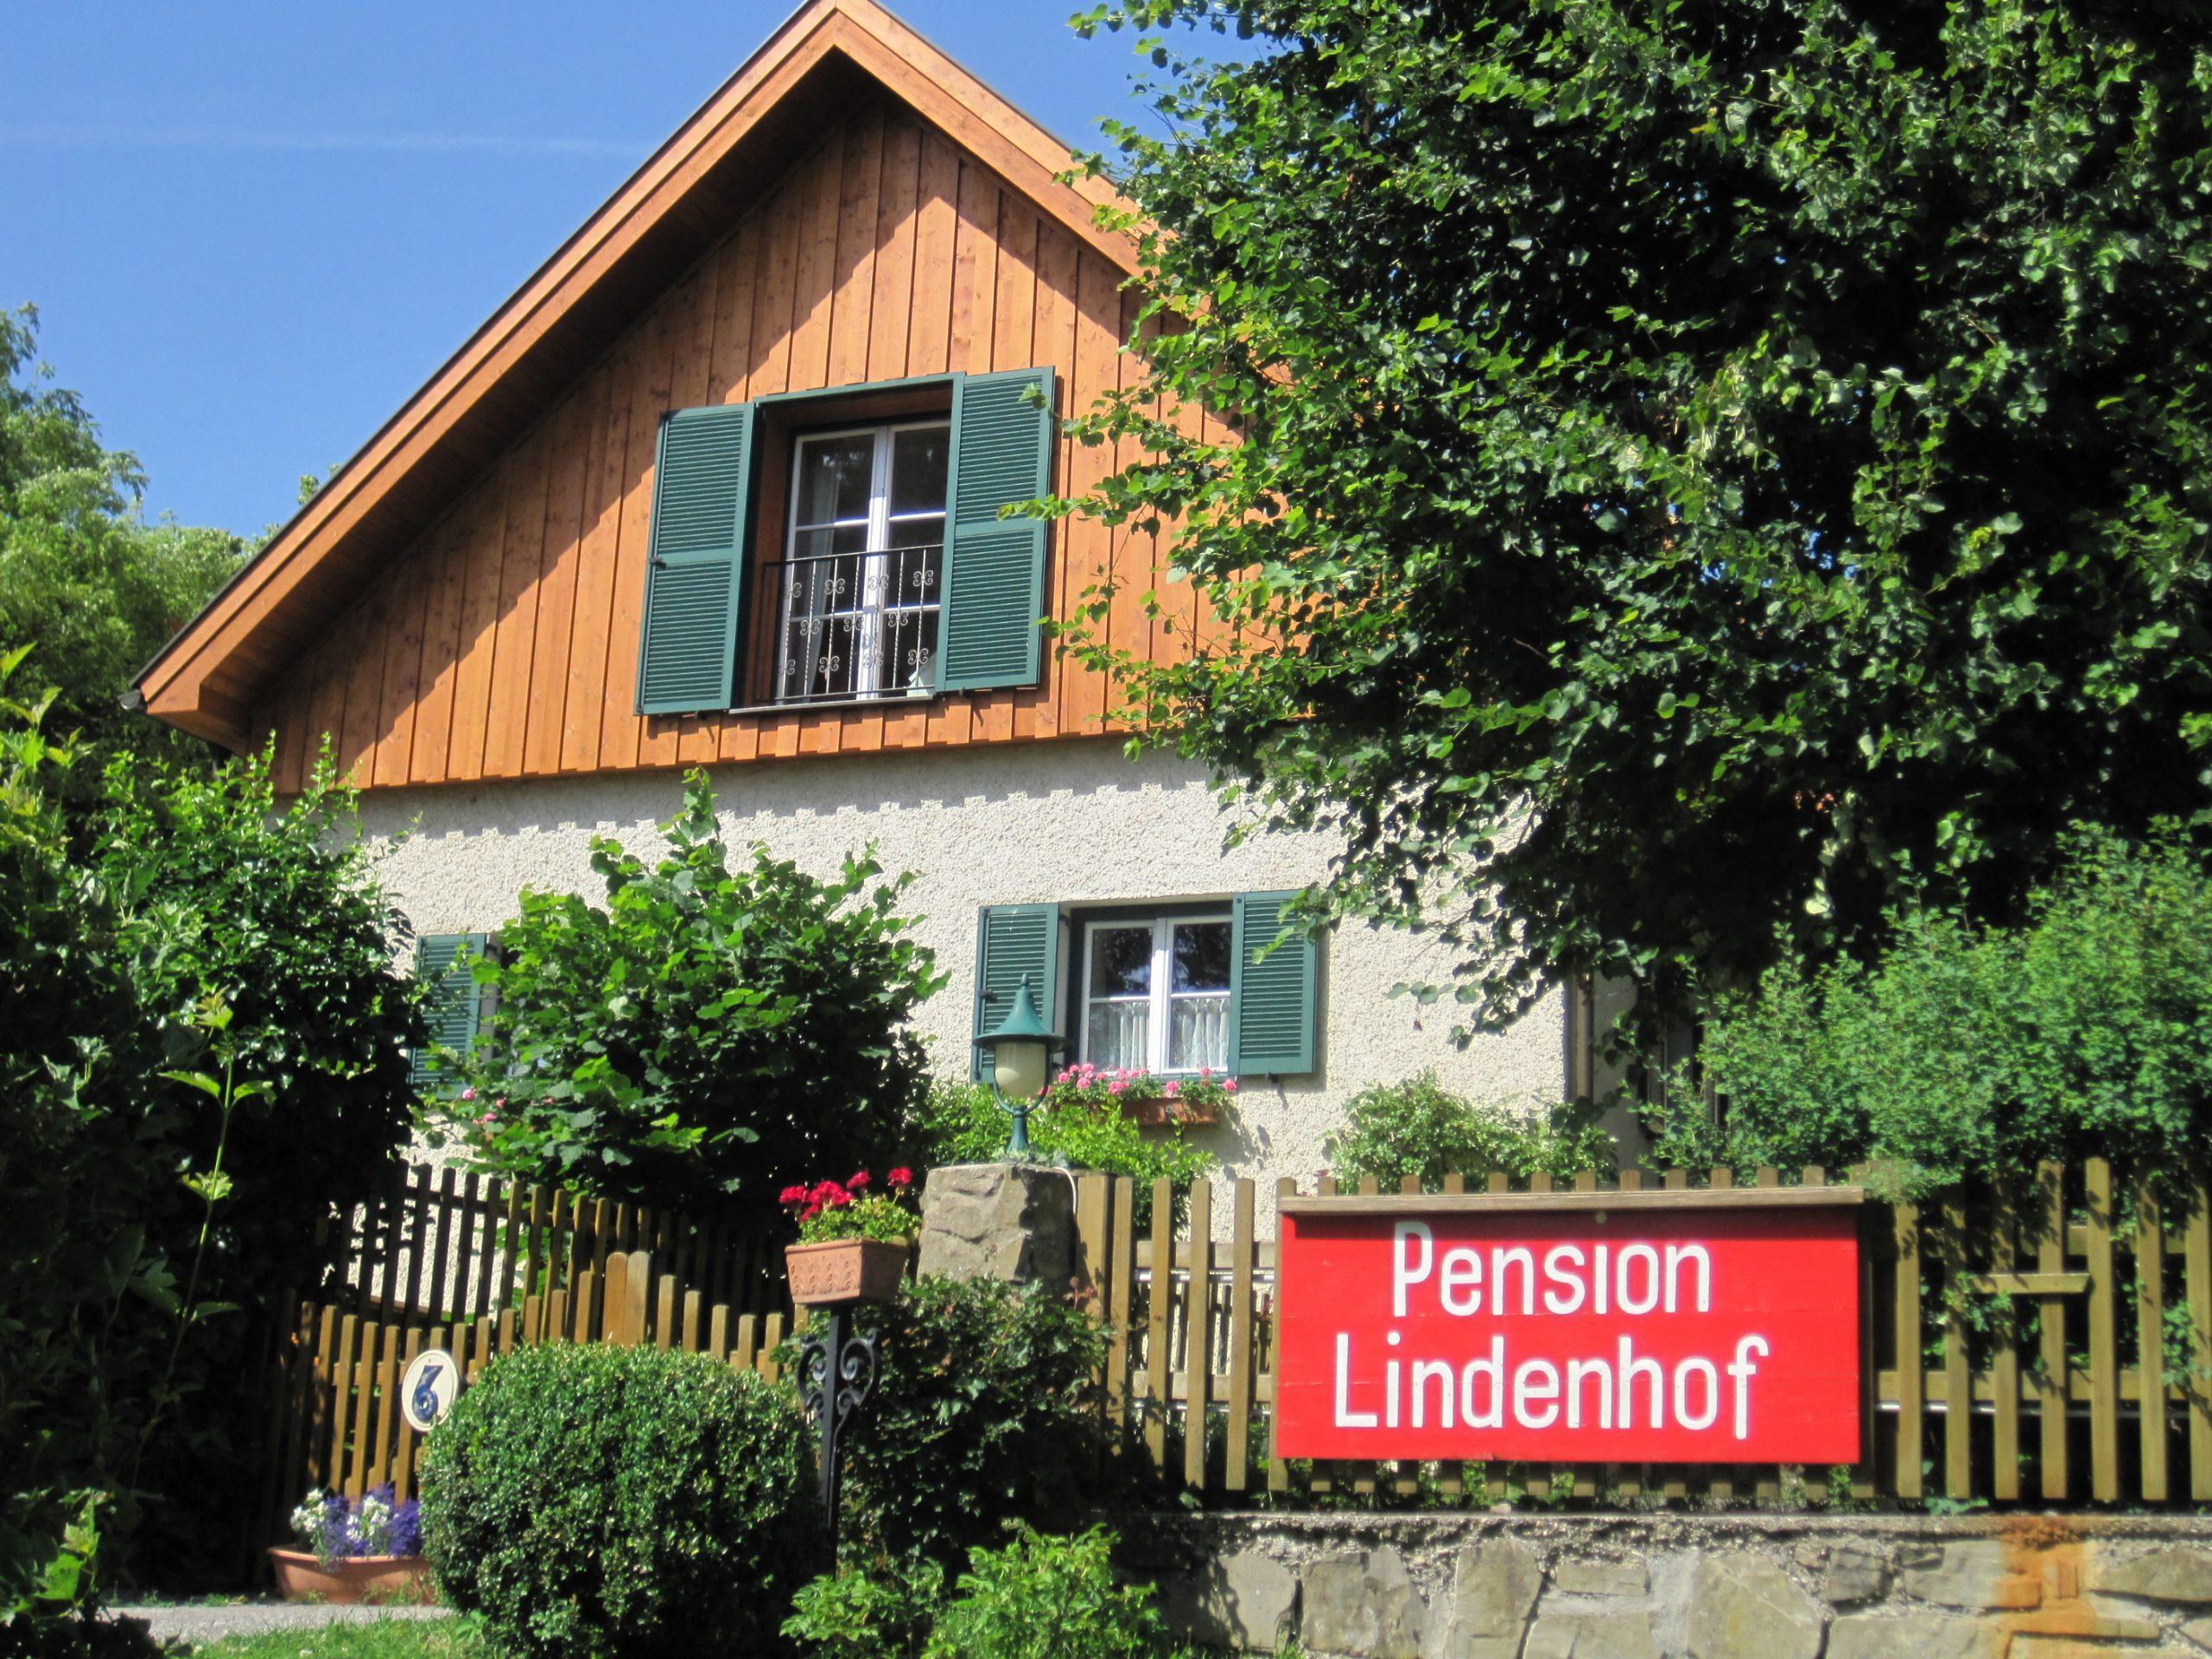 Pension Lindenhof, Sulz im Wienerwald